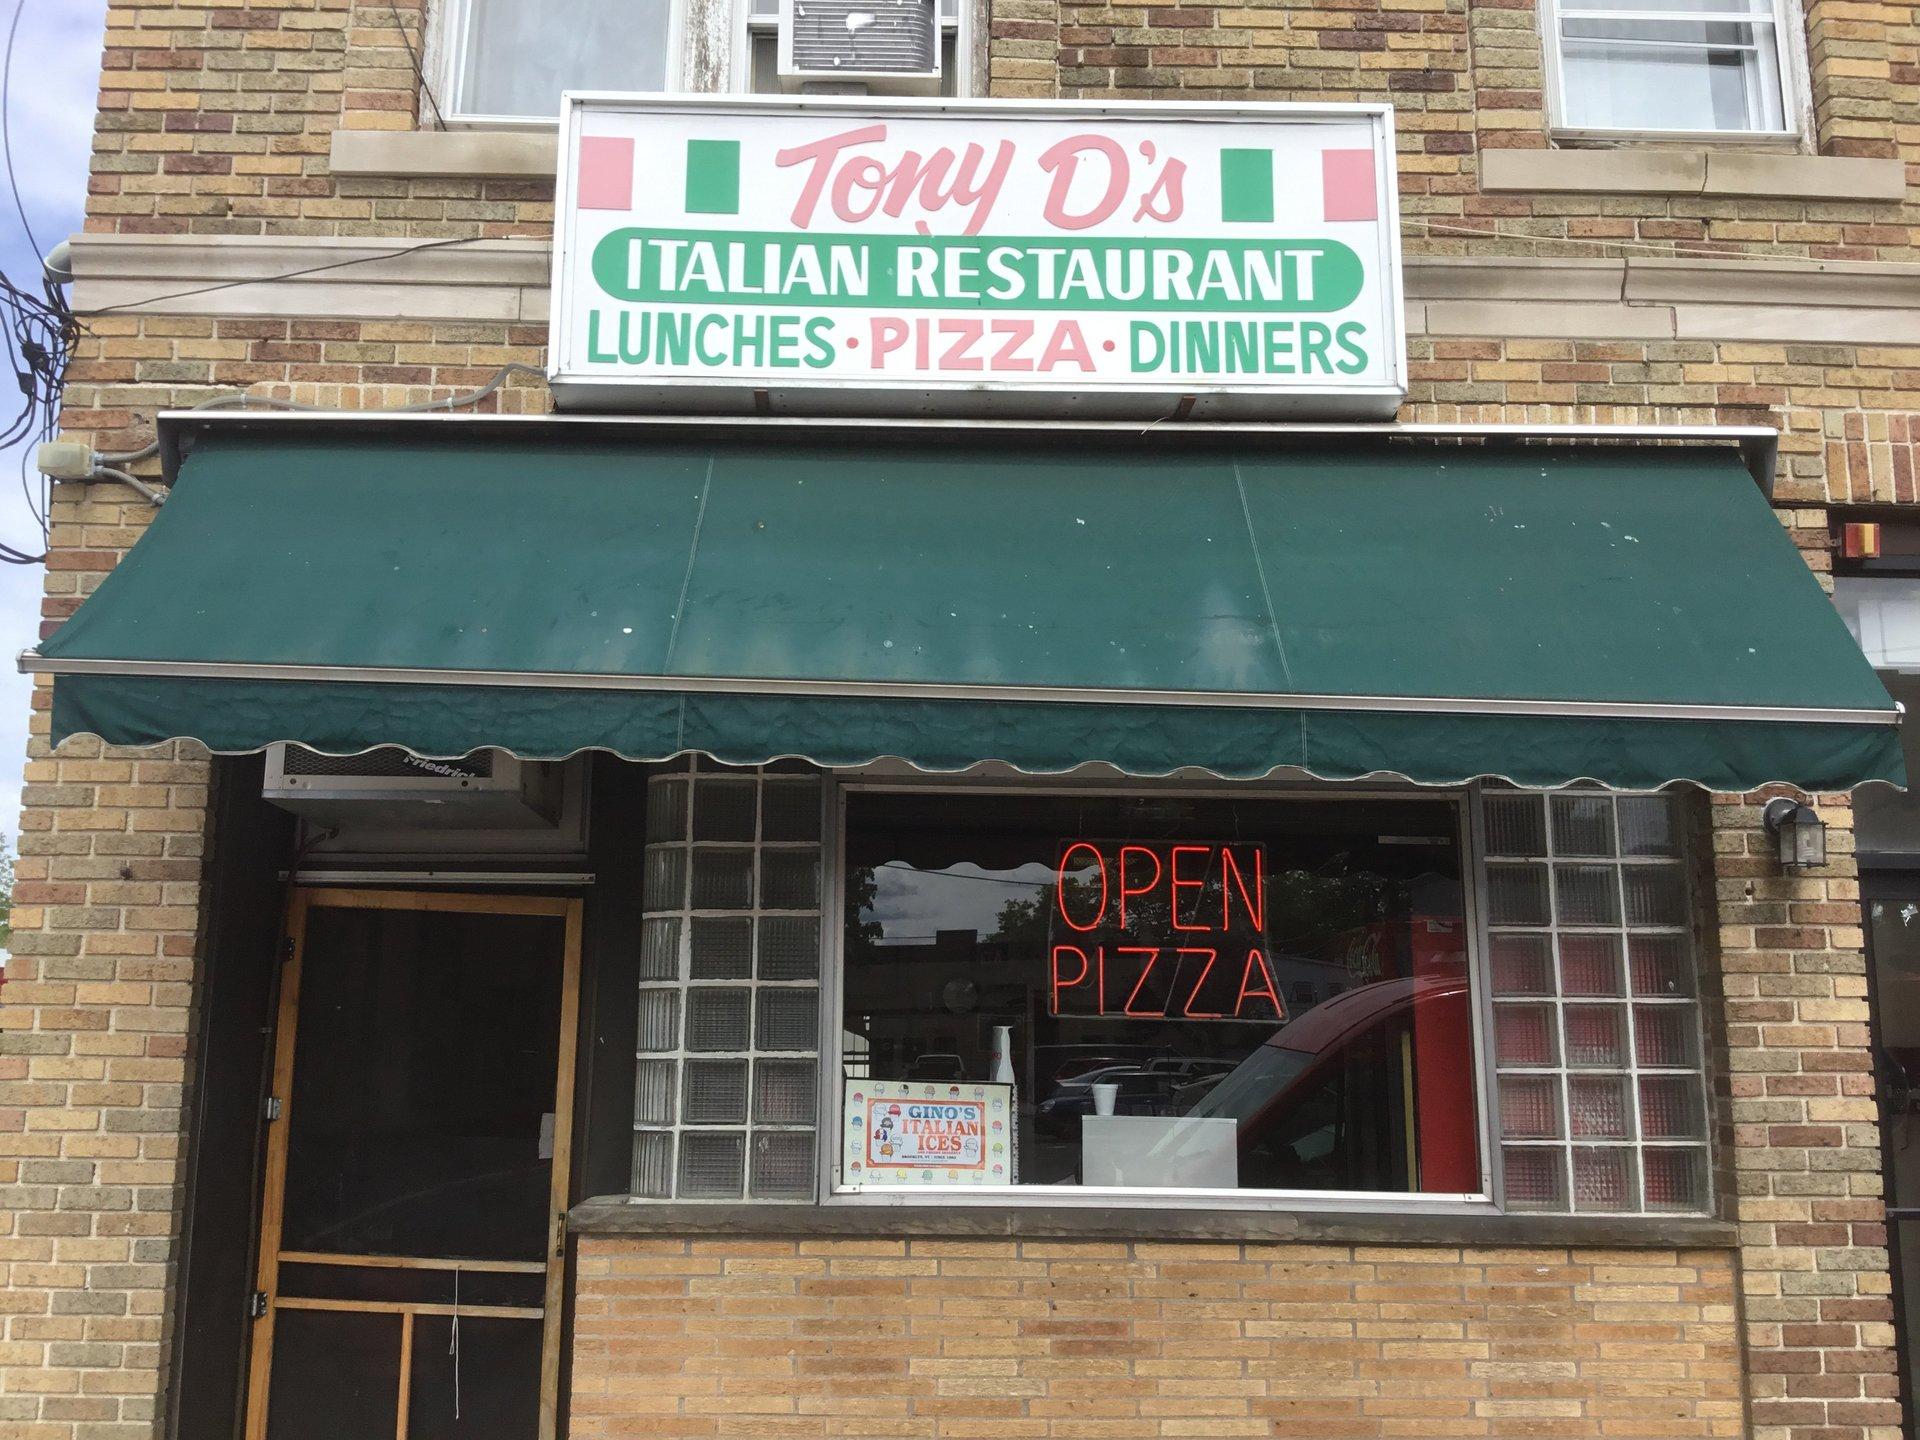 Tony D's Pizza image 9